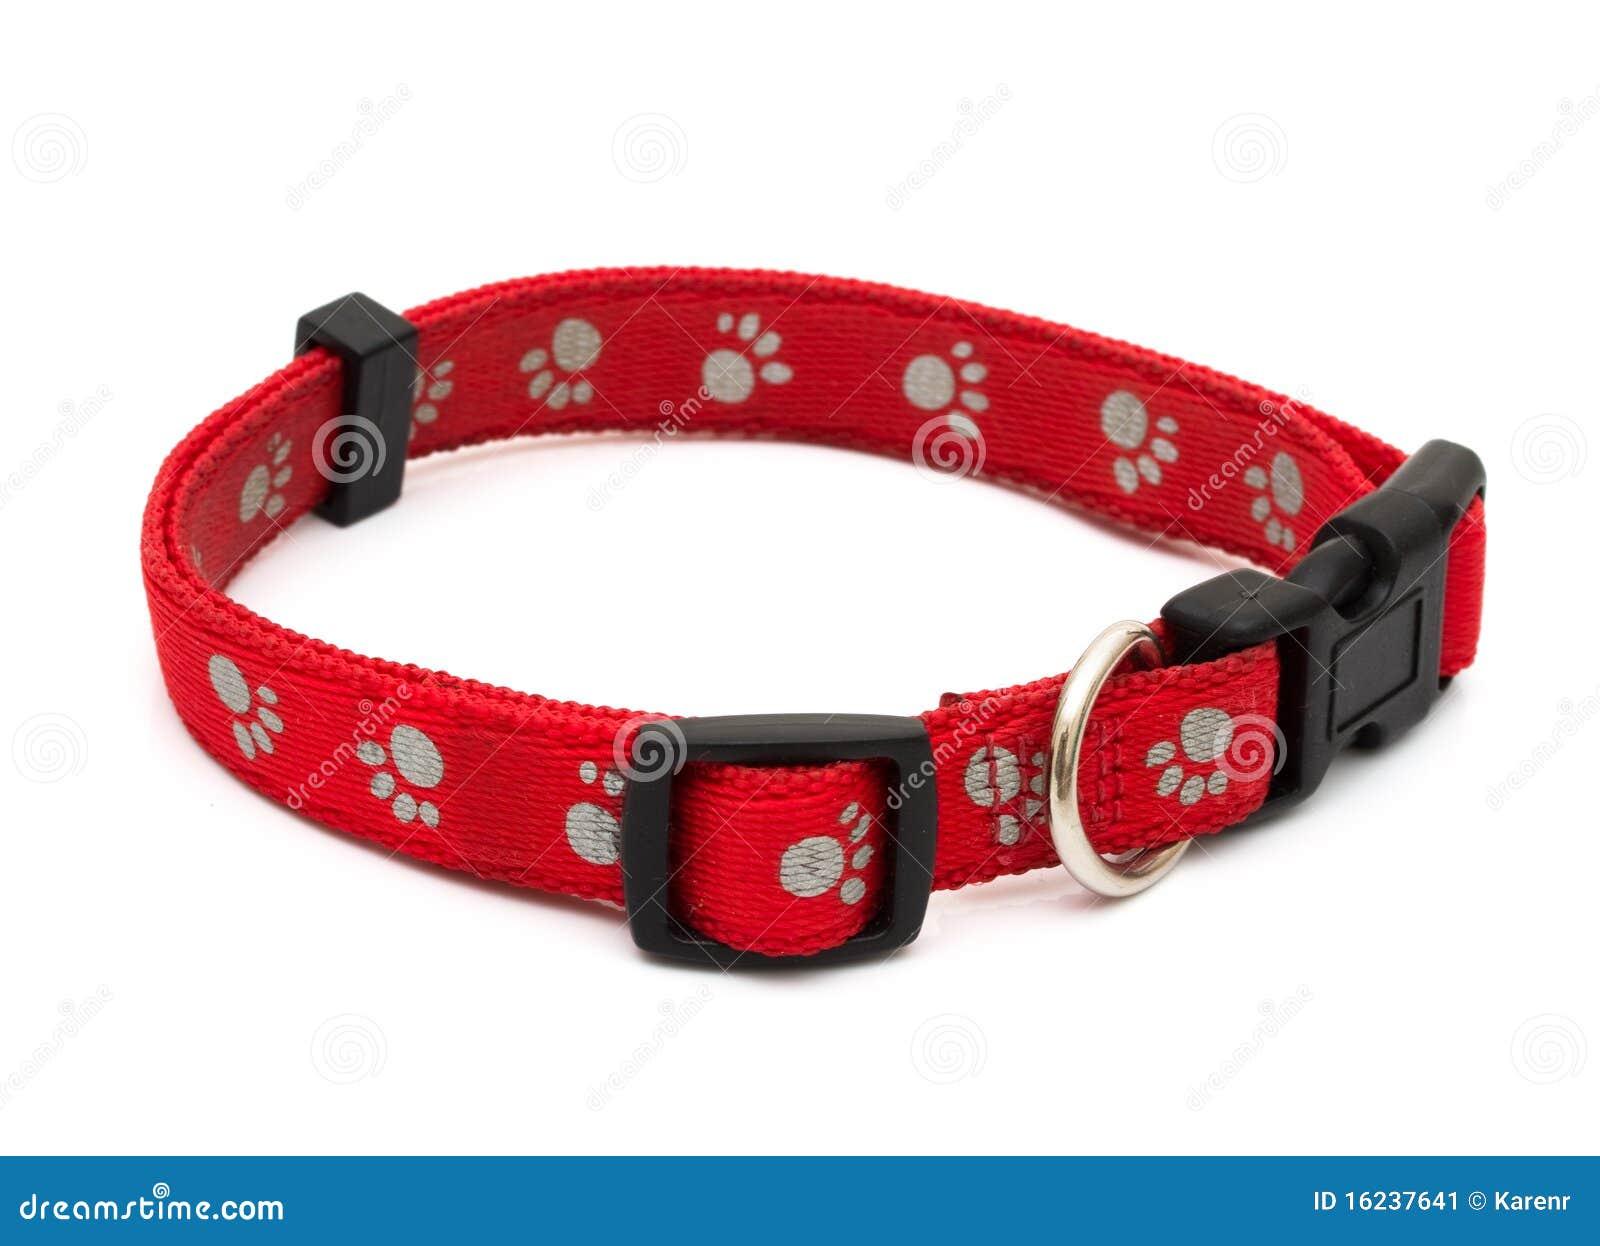 Collar de perro imagen de archivo imagen 16237641 for Como hacer un collar para perro